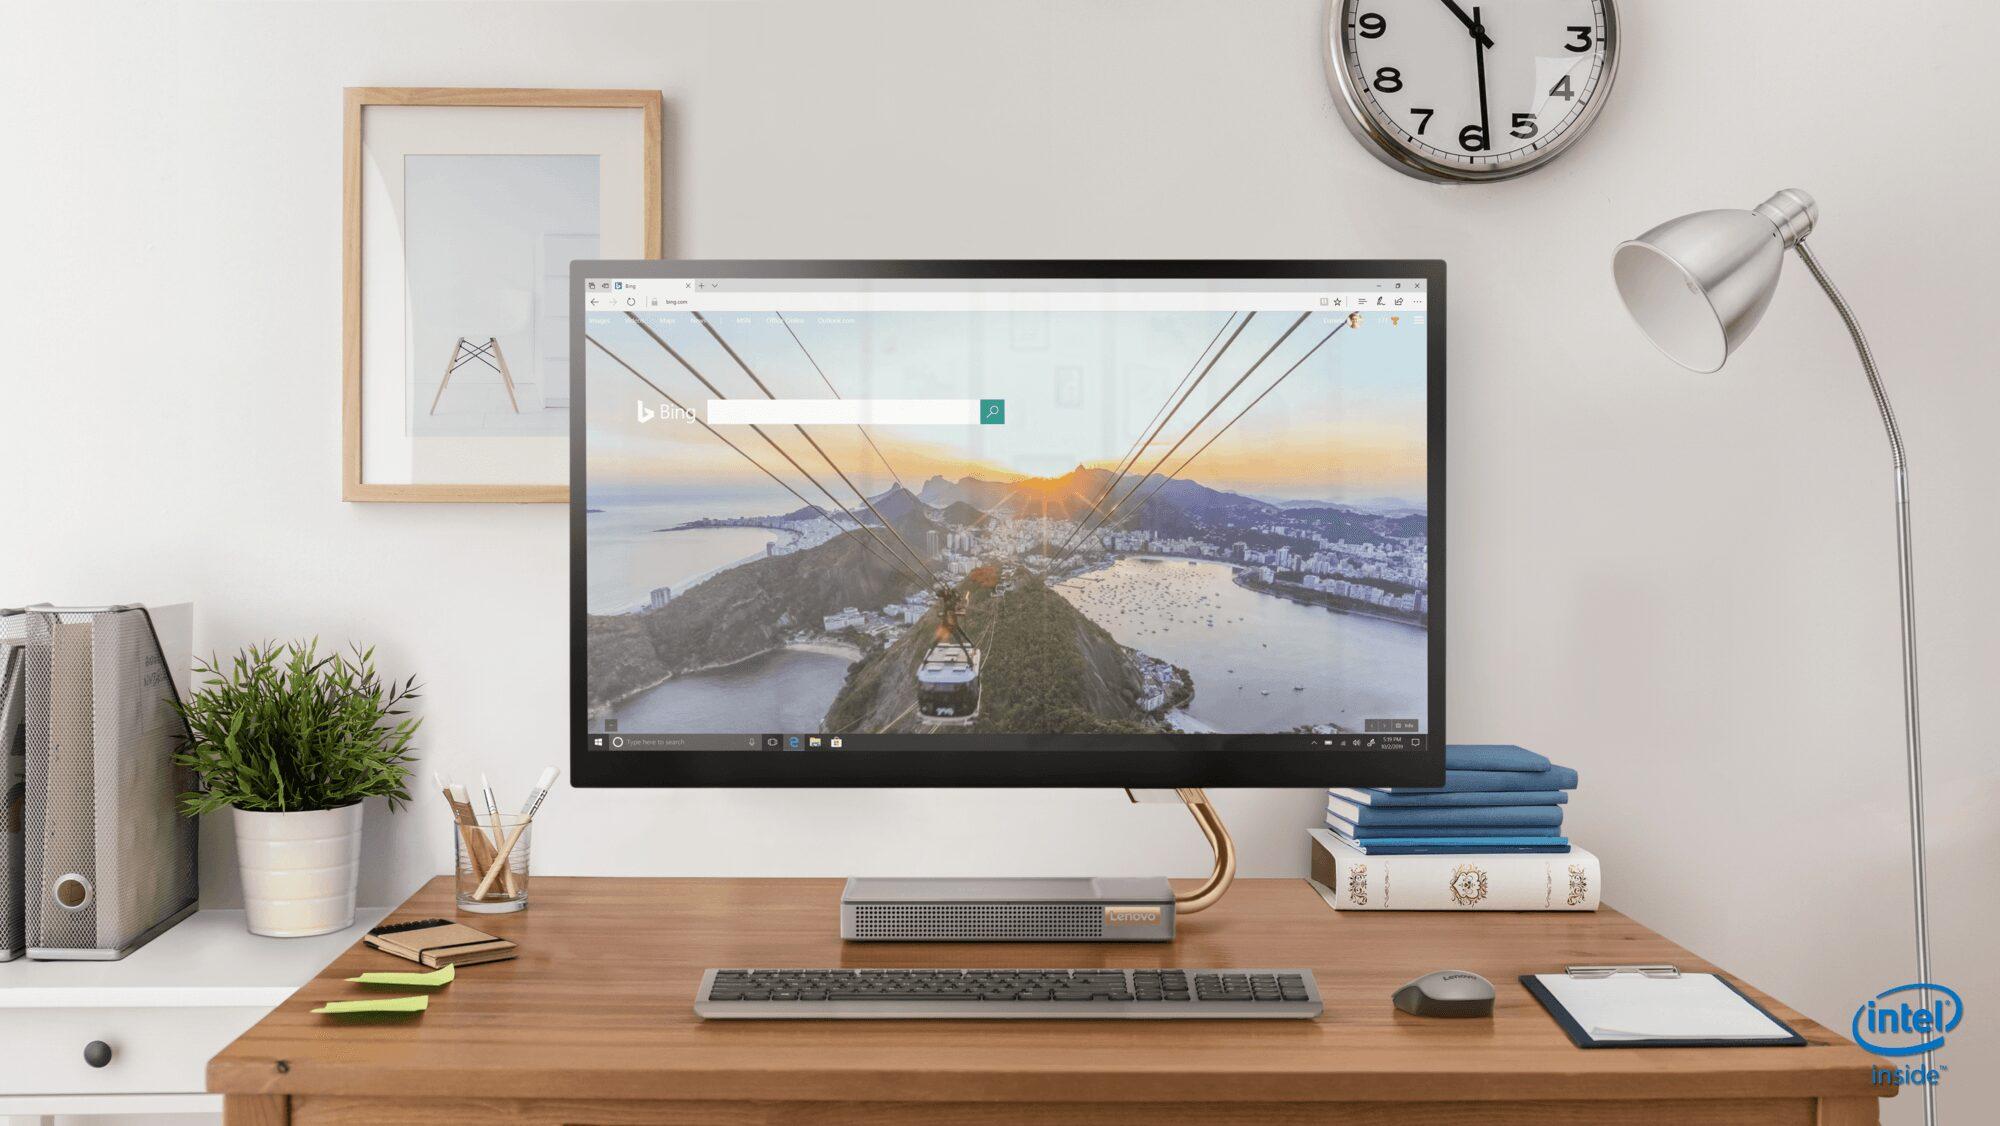 L'Ideacentre A540 de 27 pouces est proposé en couleur gris minéral et il est équipé des processeurs Intel Core. // IFA 2019